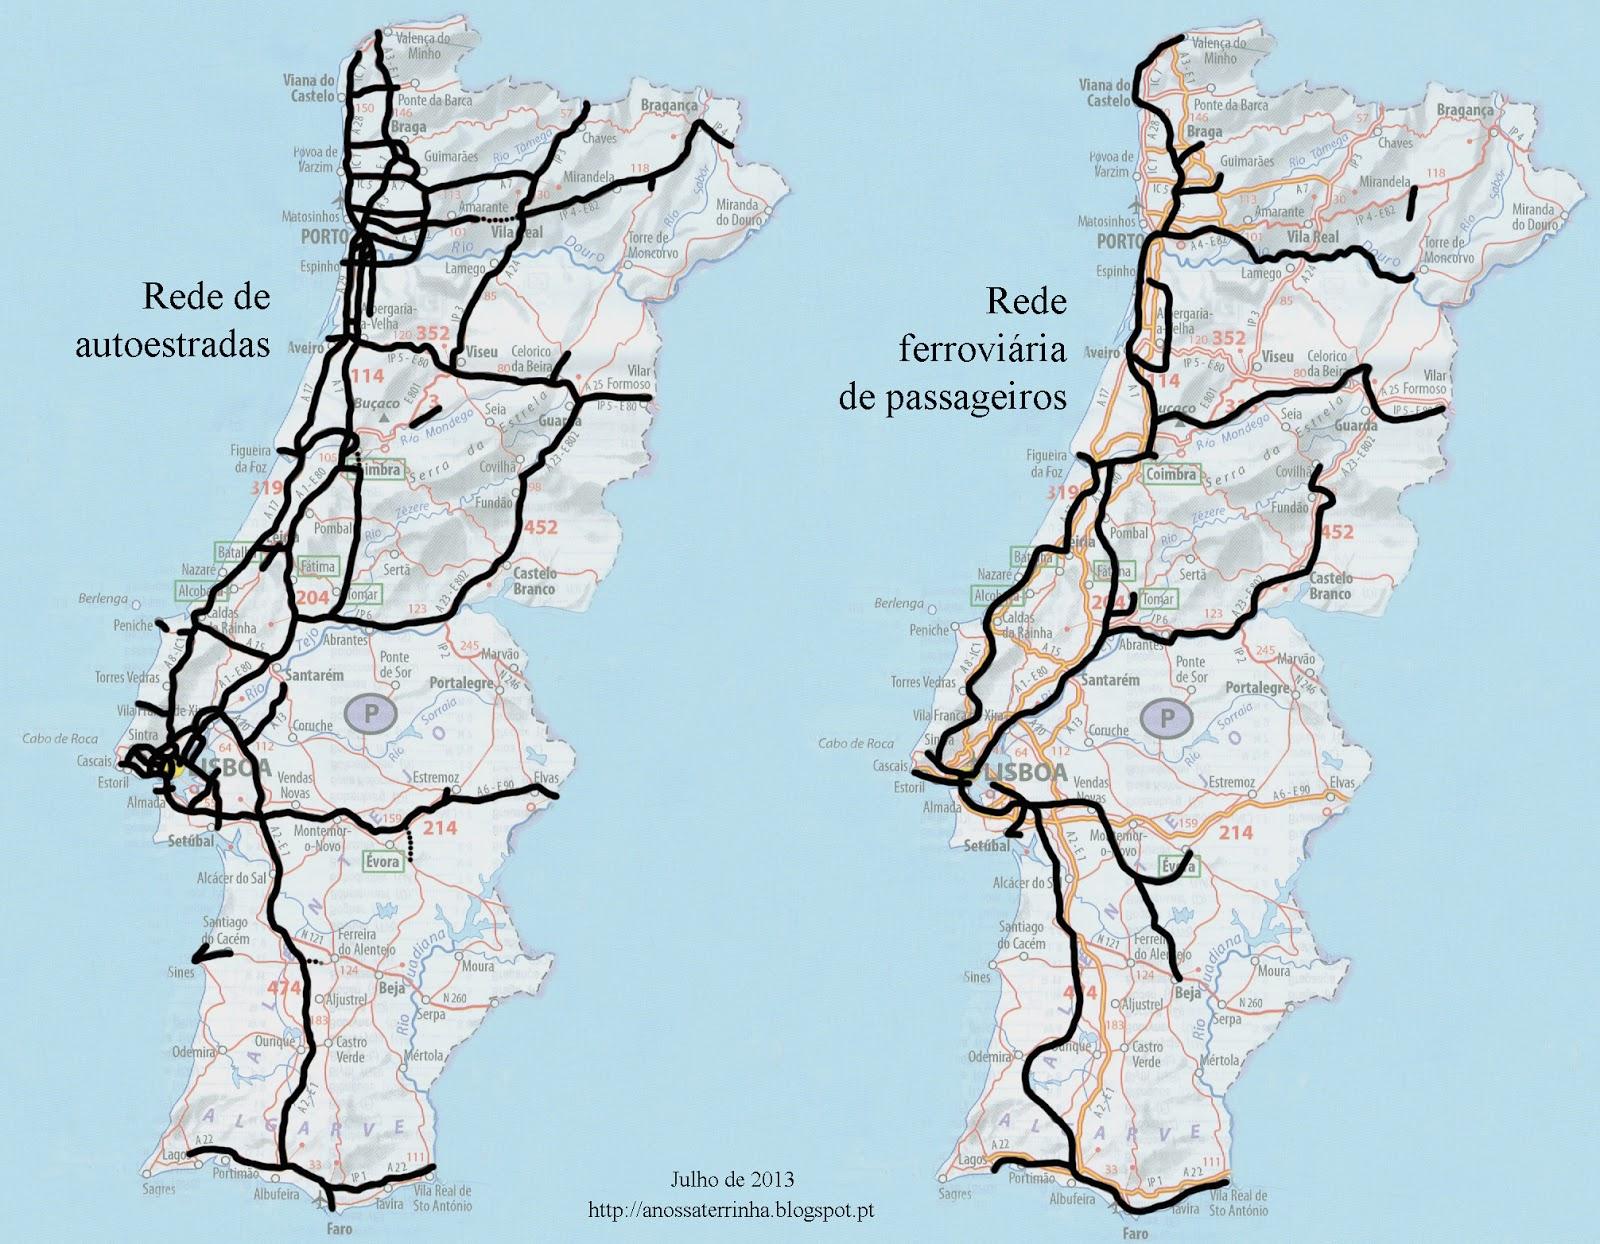 rede de autoestradas de portugal mapa A Nossa Terrinha: Ferrovia e autoestradas (mapas) rede de autoestradas de portugal mapa